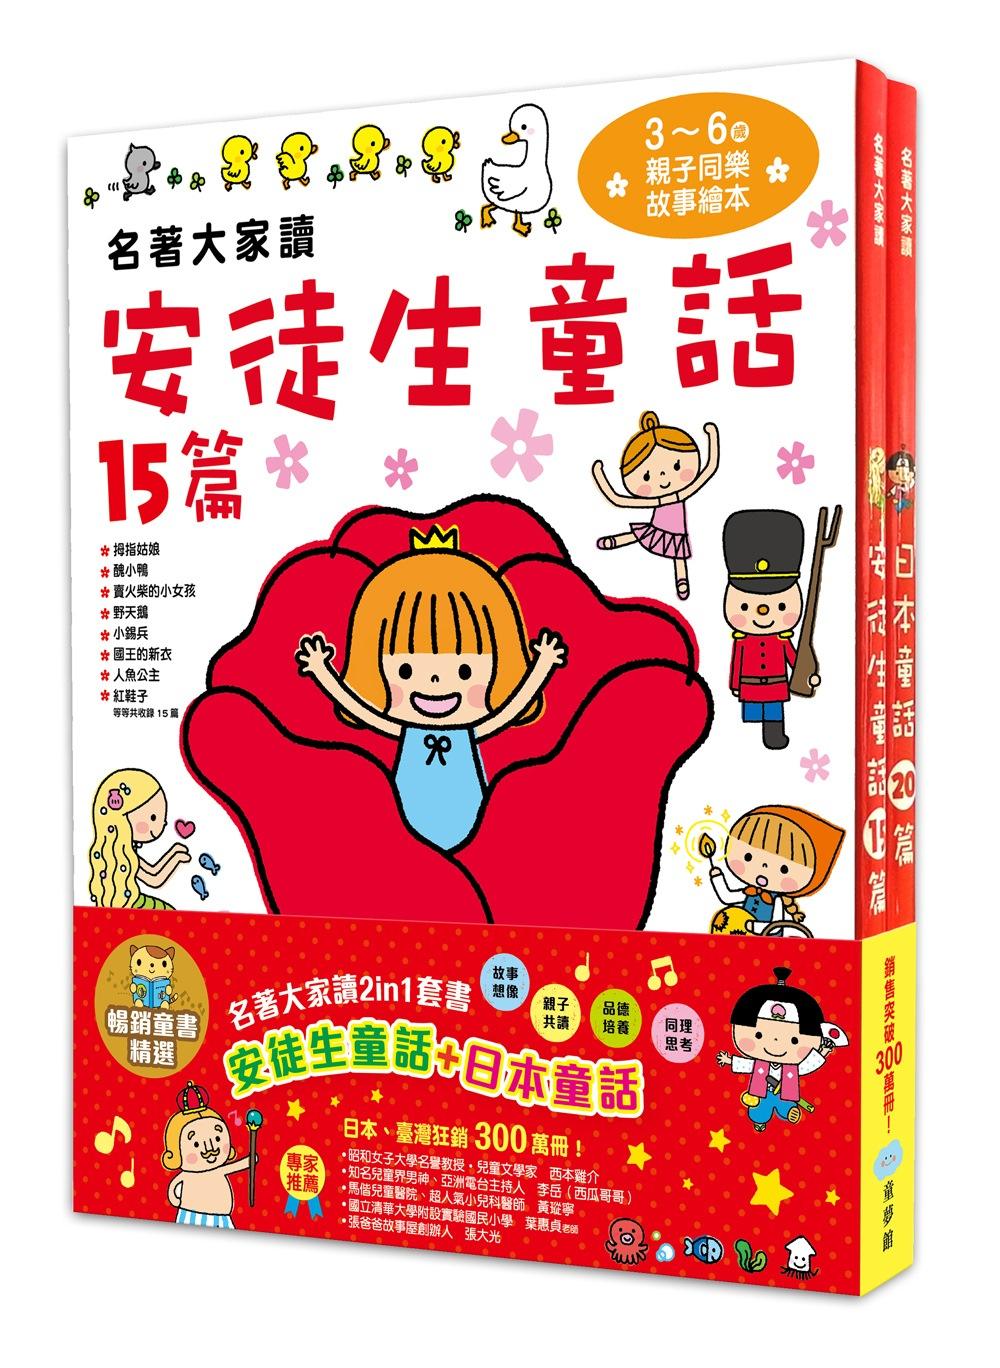 名著大家讀2in1套書(安徒生童話+日本童話)暢銷童書精選